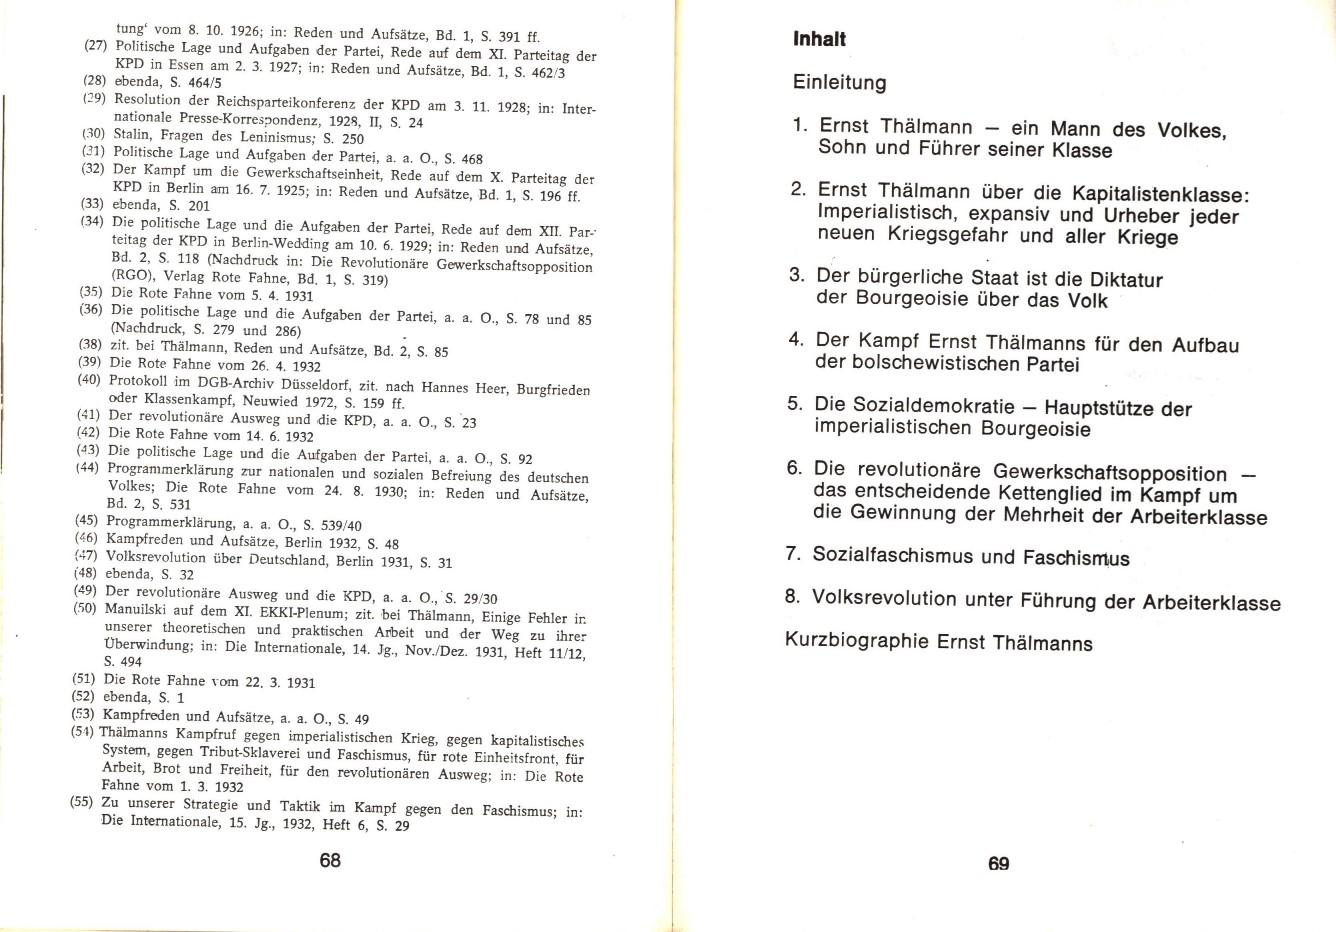 KPDAO_1974_Ernst_Thaelmann_36